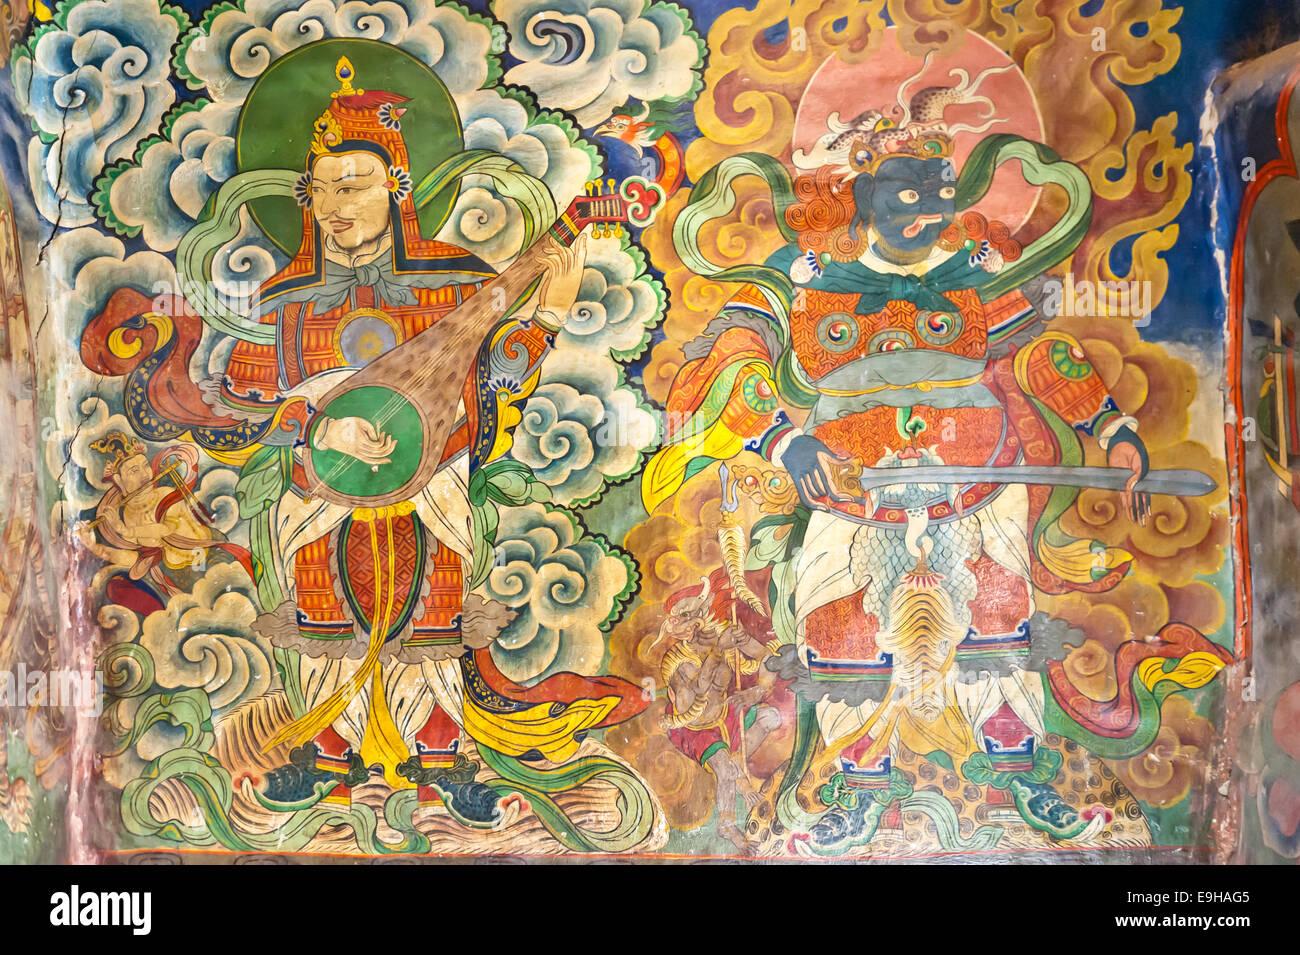 Musicisti e demon murale all'ingresso del Tashi Choling Gompa, Buddismo tibetano, Gieling, Mustang superiore, Immagini Stock